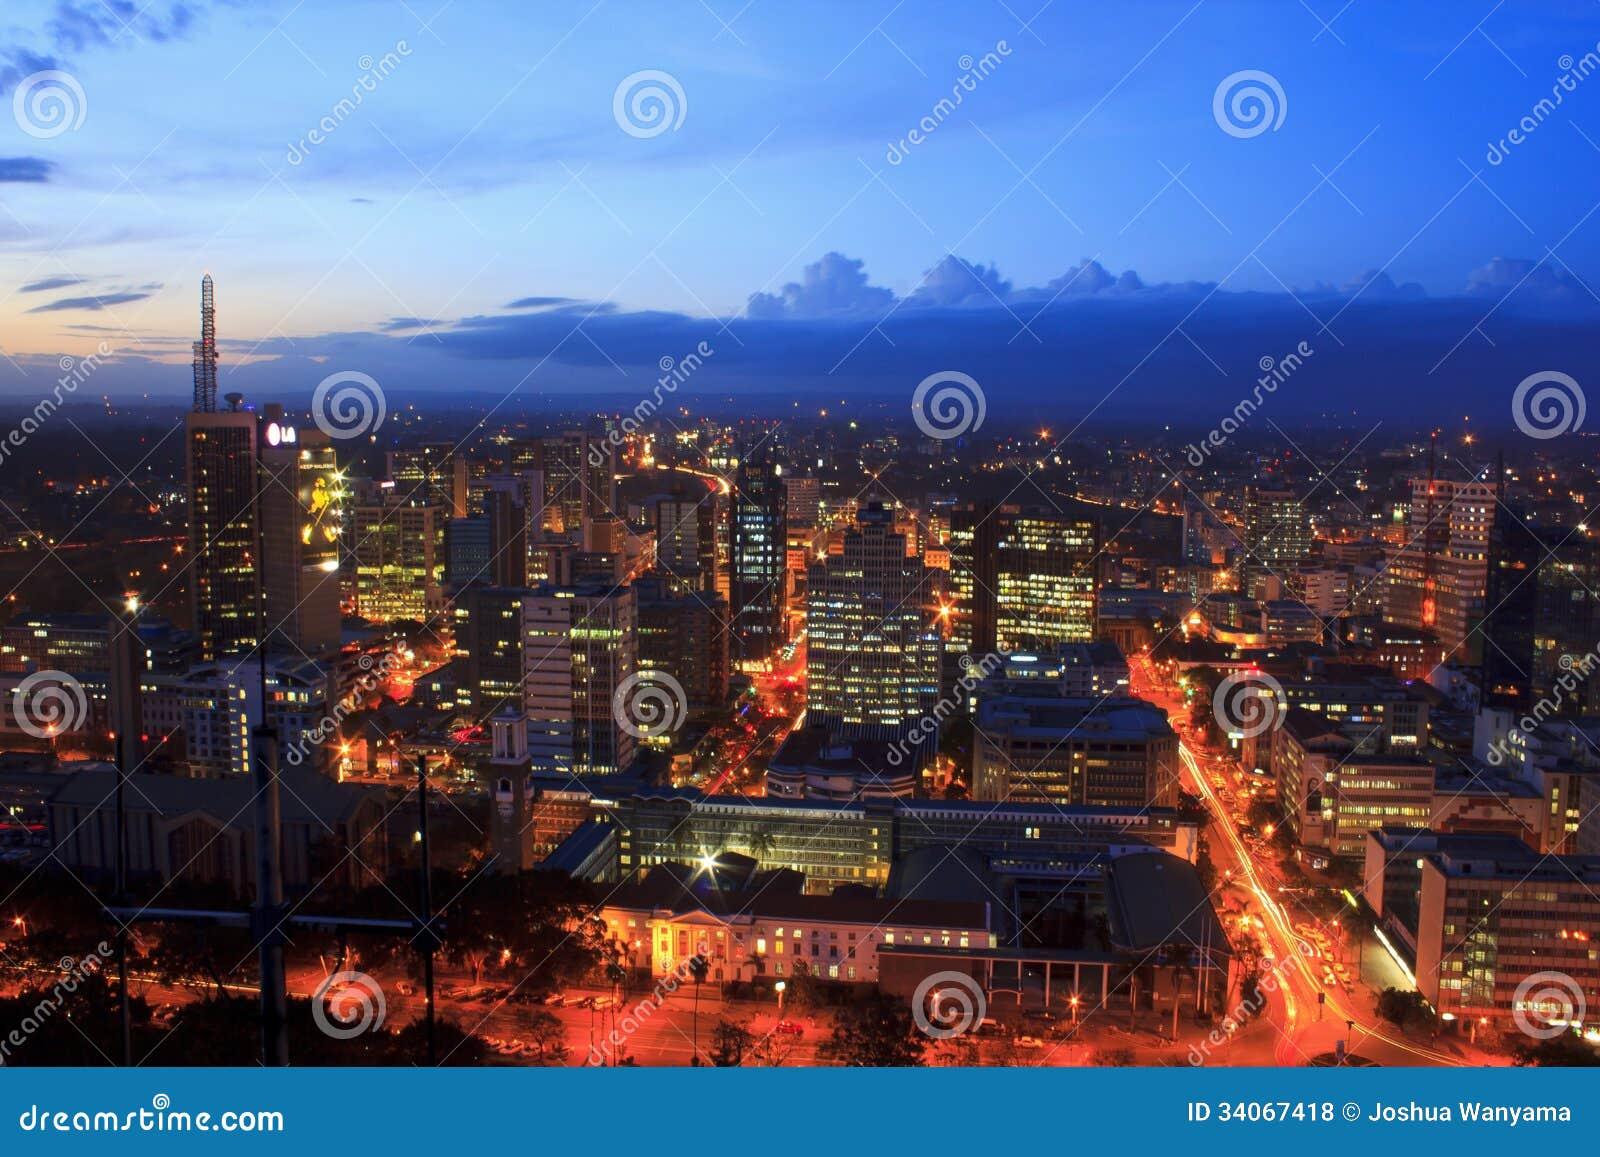 Nairobi Kenya at Night